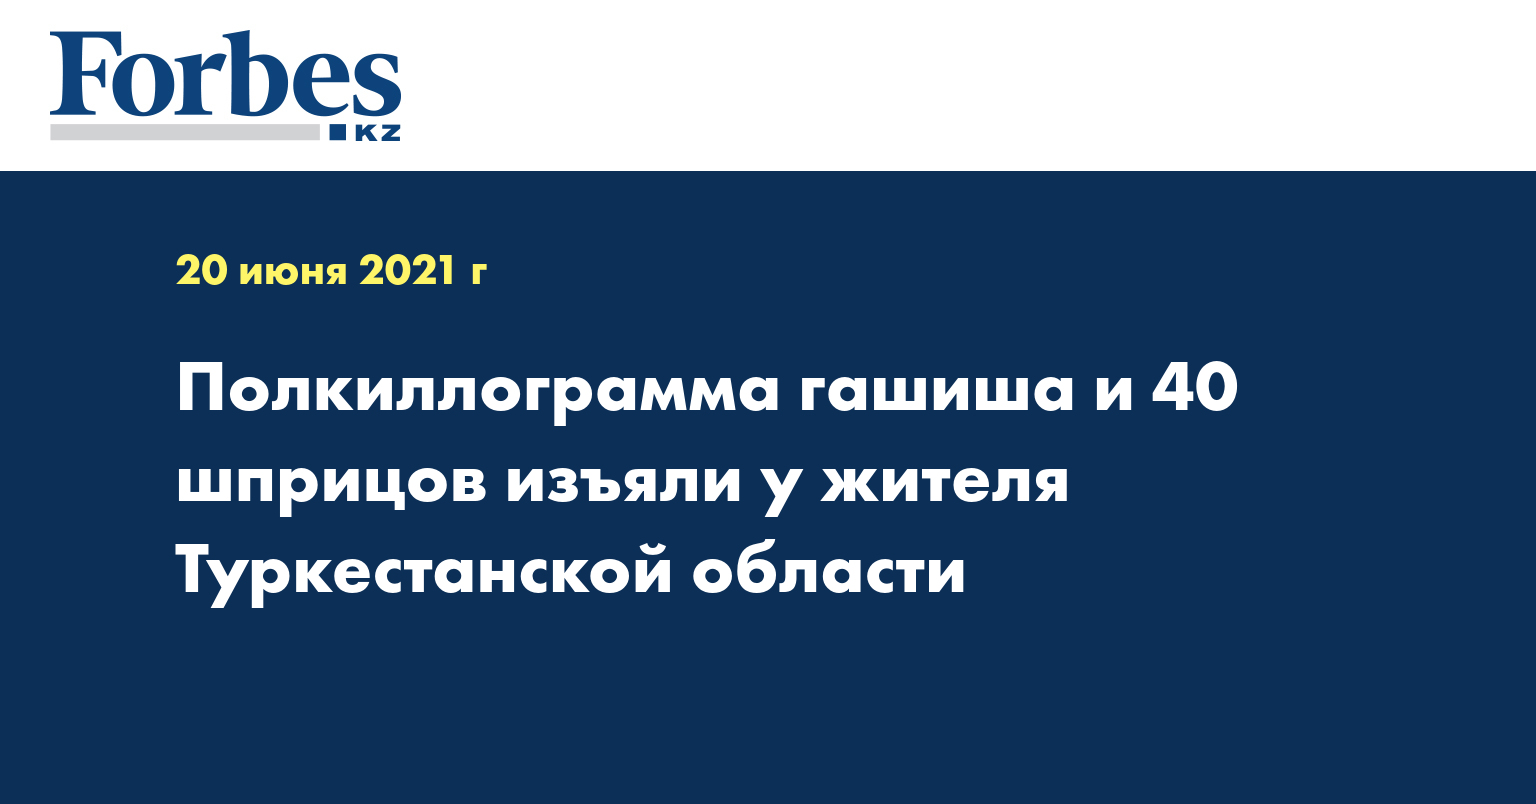 Полкиллограмма гашиша и 40 шприцов изъяли у жителя Туркестанской области